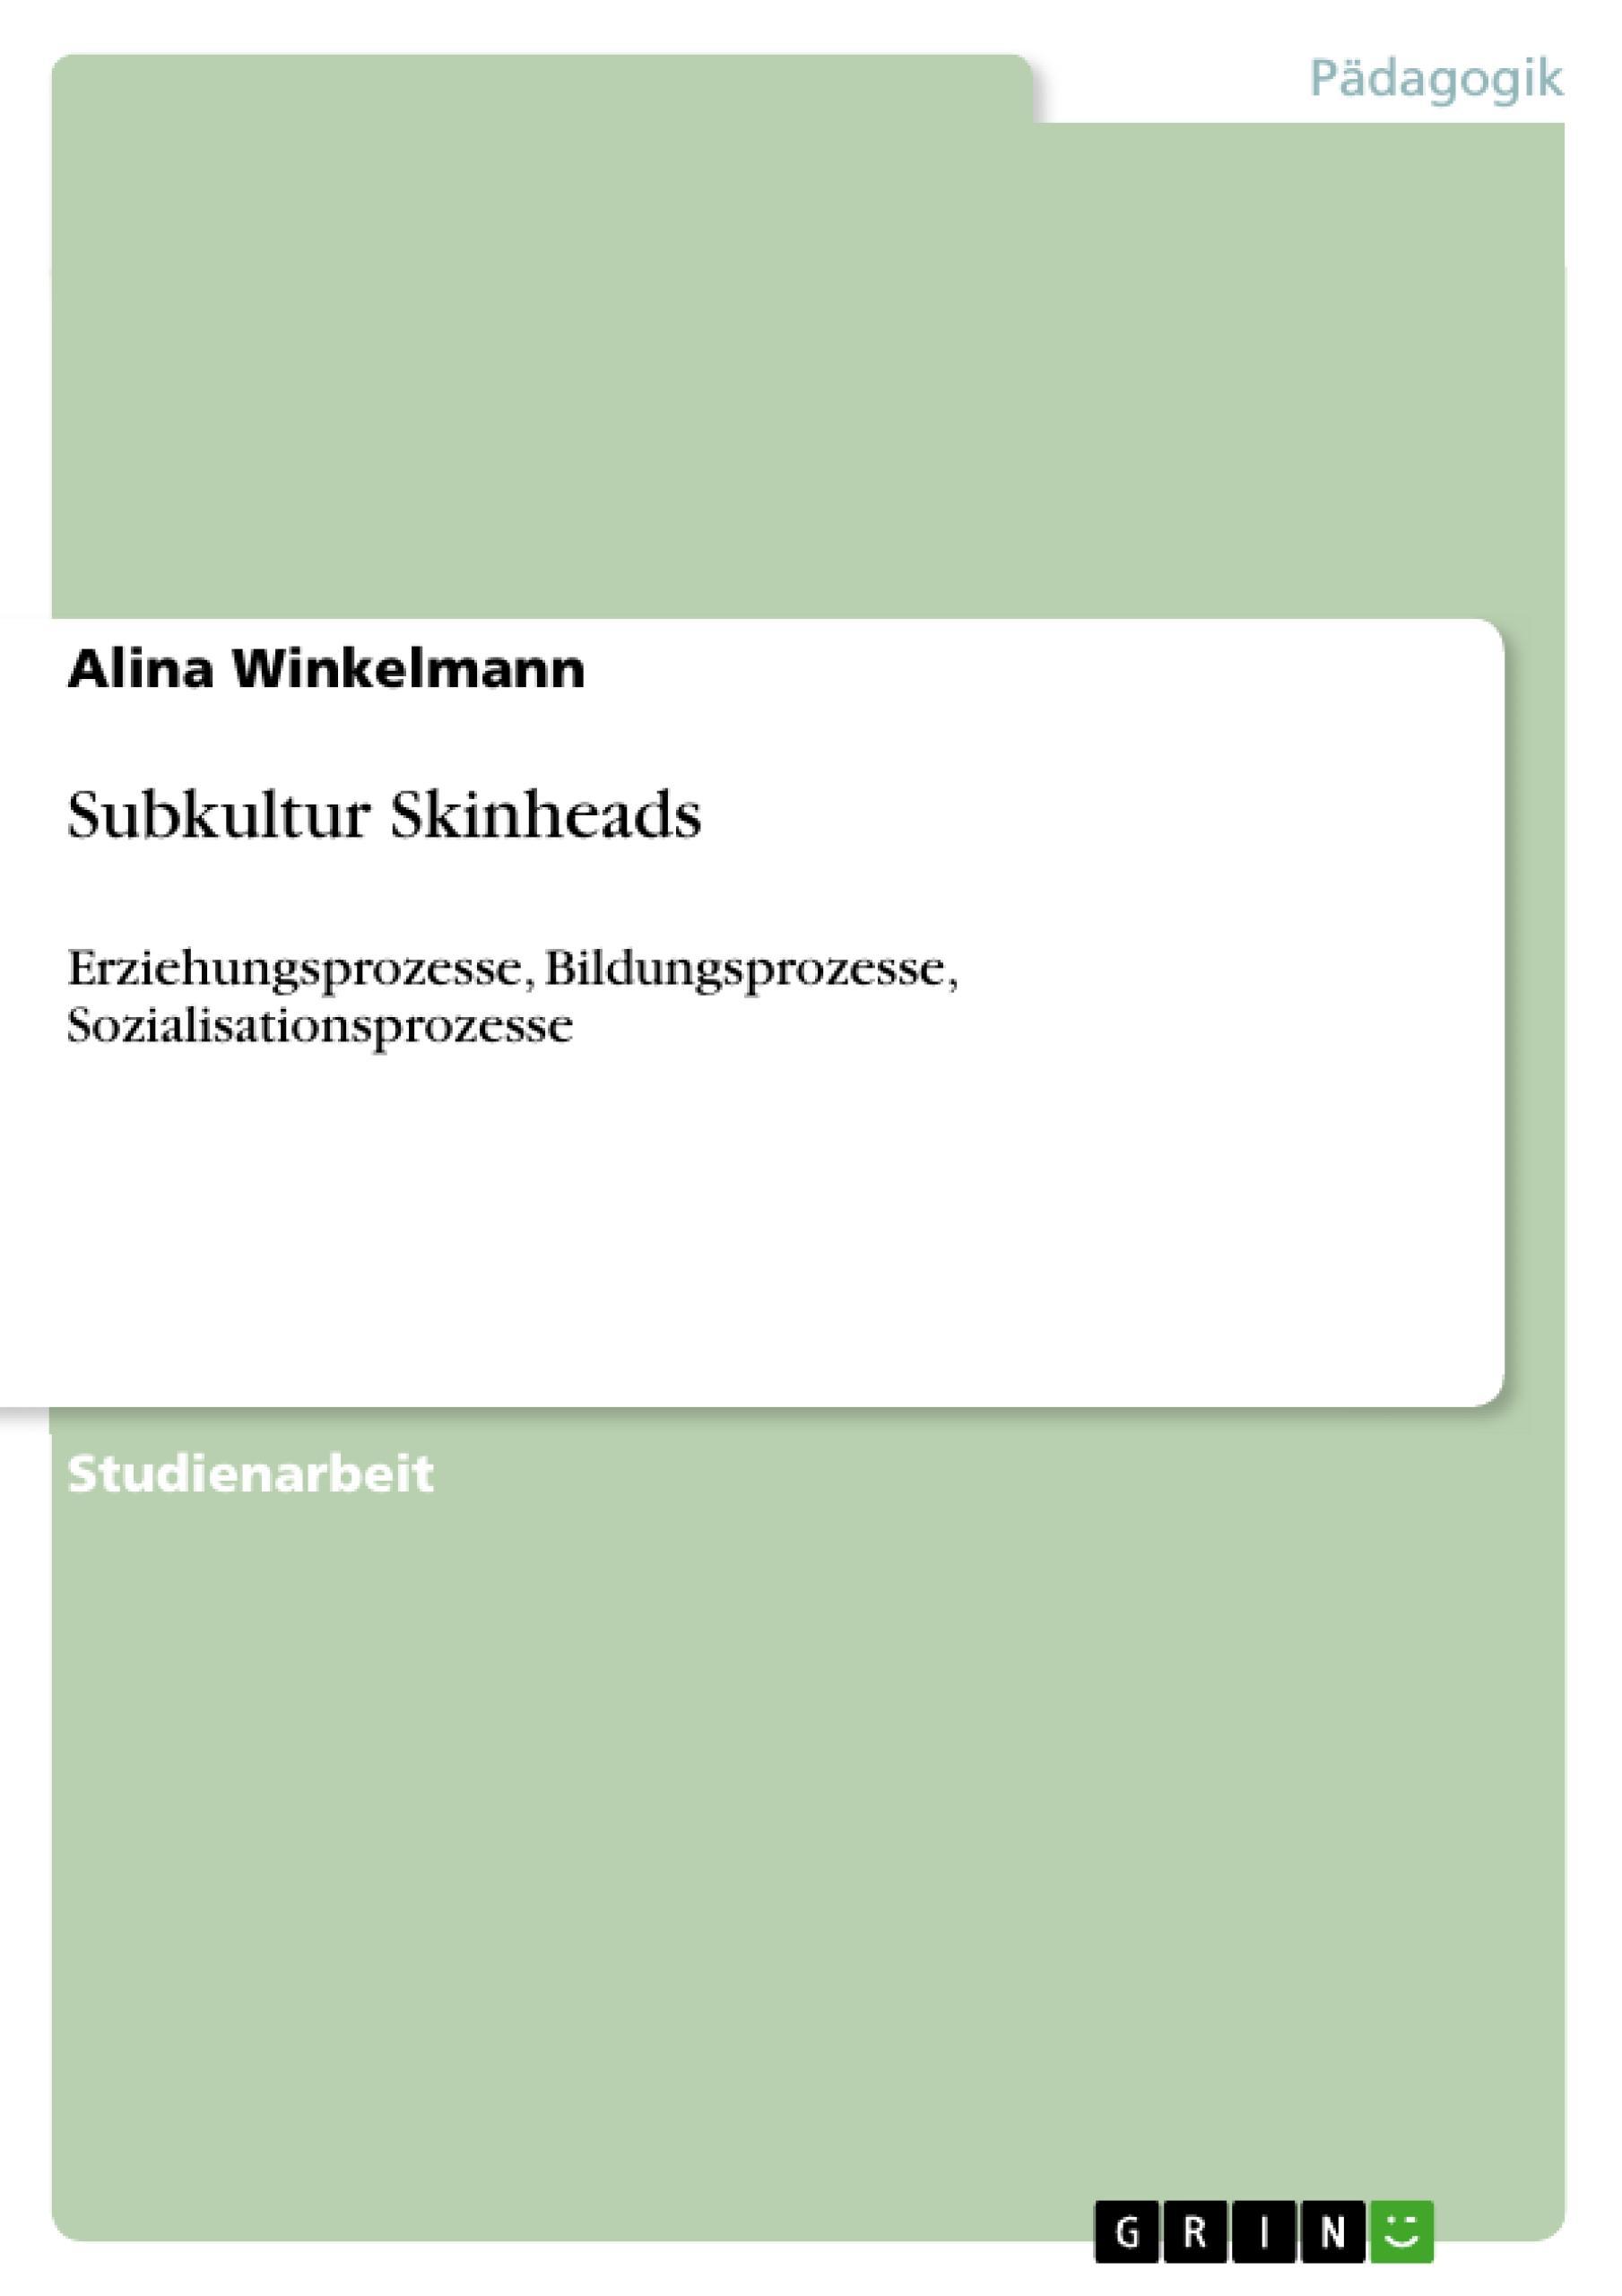 Subkultur Skinheads  Erziehungsprozesse, Bildungsprozesse, Sozialisationsprozesse  Alina Winkelmann  Taschenbuch  Deutsch  2010 - Winkelmann, Alina